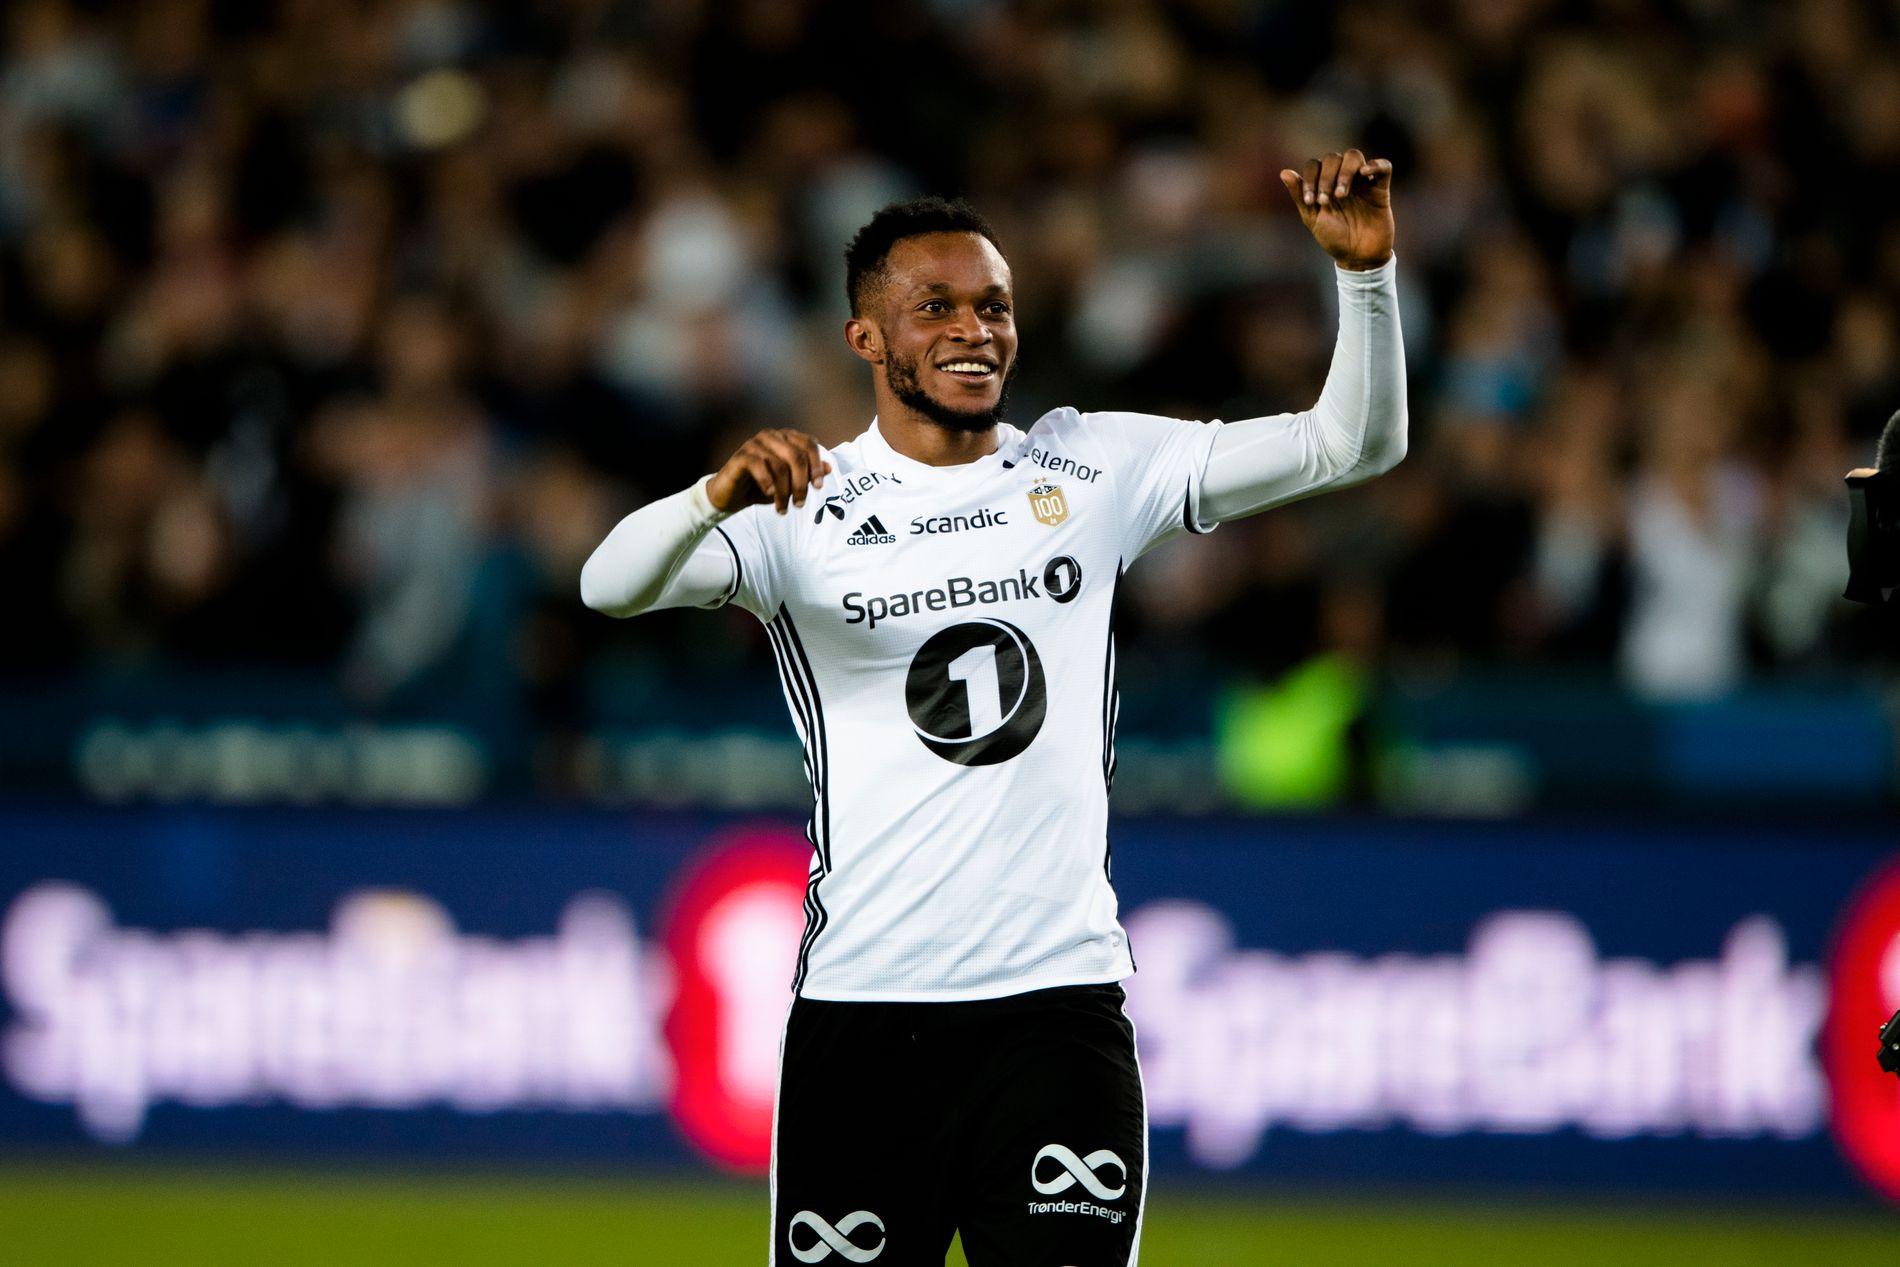 Samuel Adegbenro kom inn fra benken og sendte Rosenborg til til himmels - og videre til gruppespillet i Europa League.